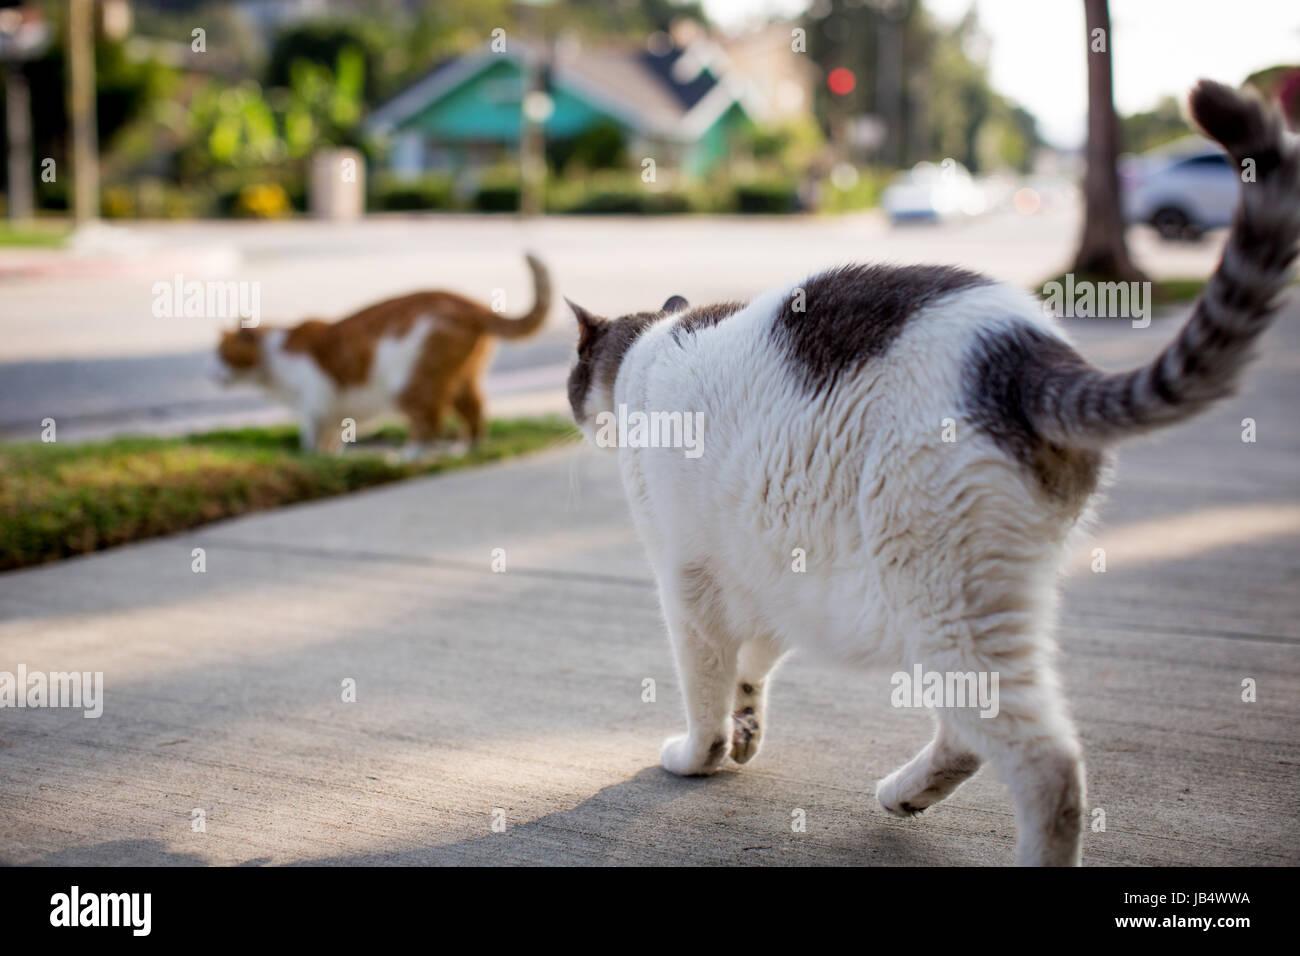 Zwei Hauskatzen in einem Wohngebiet zu Fuß in Richtung Straße, beide mit ihren Schwänzen auf und Stockbild